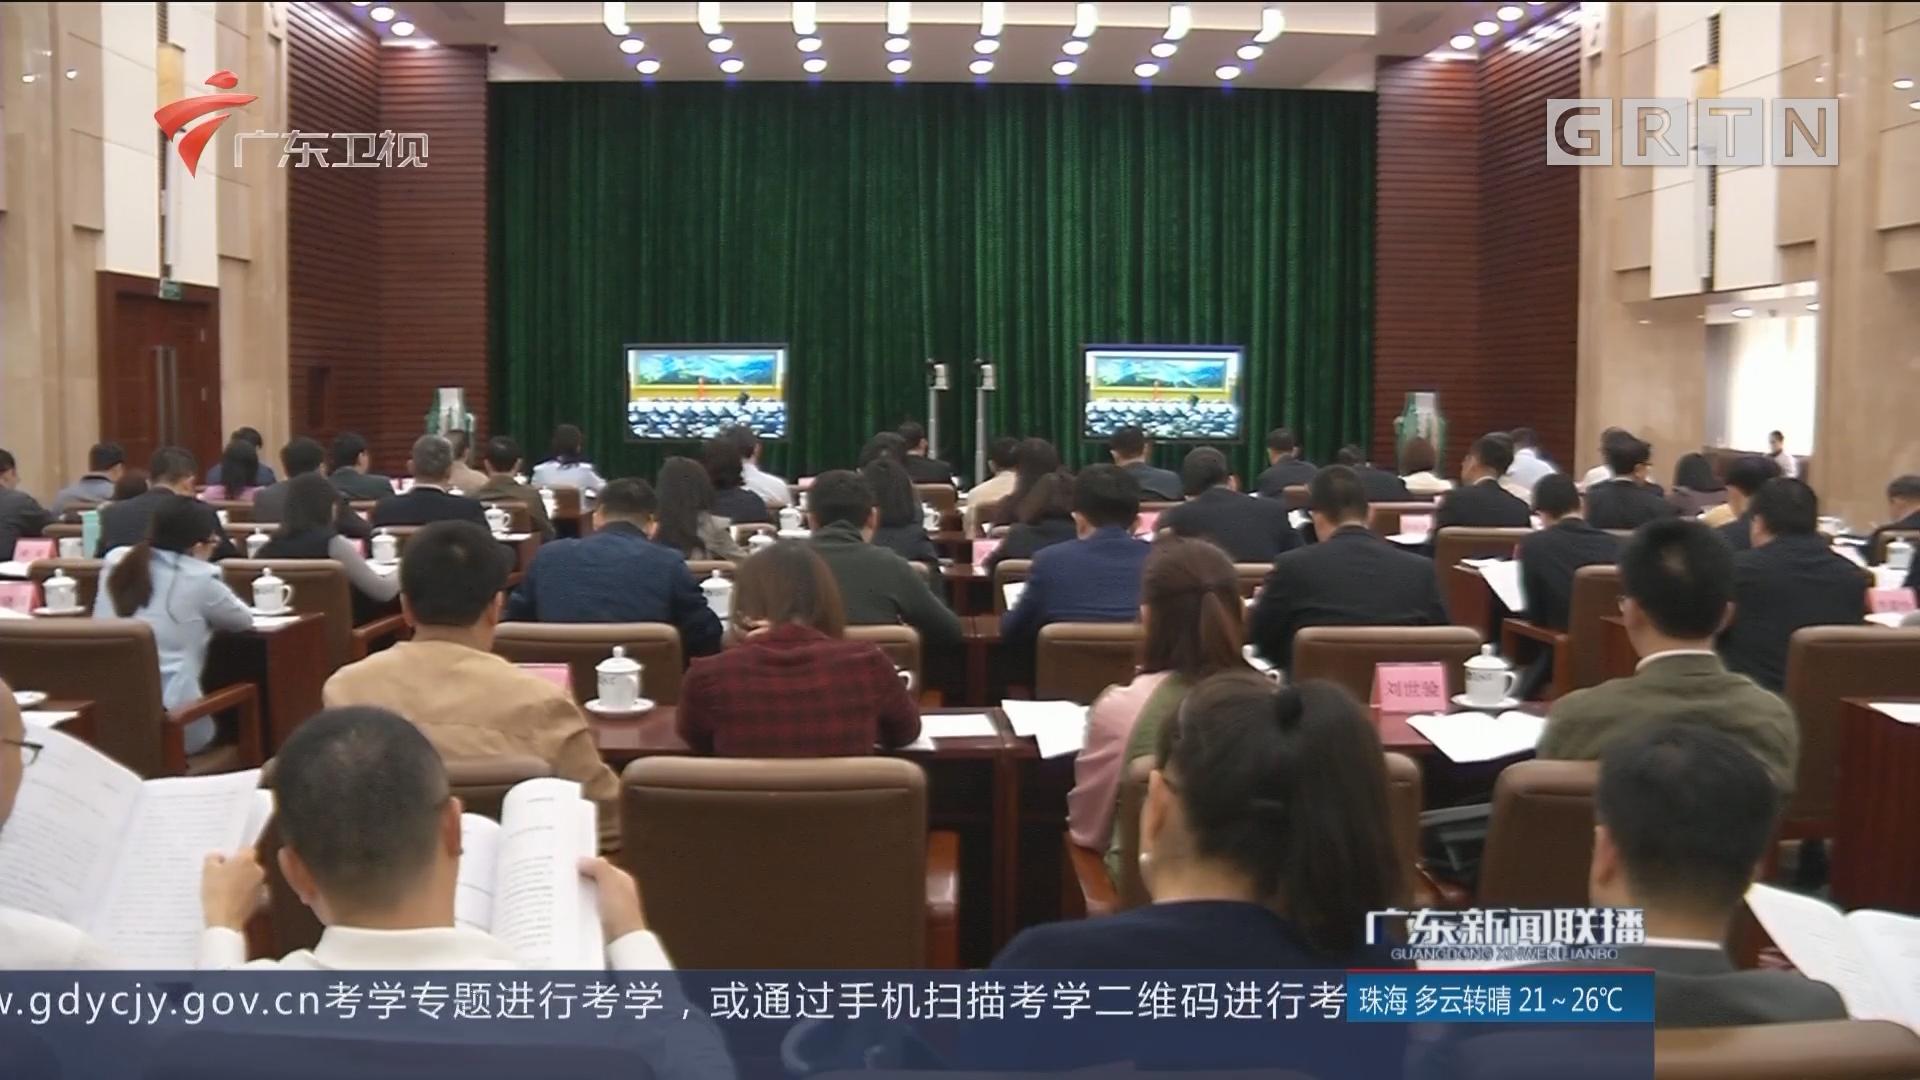 国务院召开全国小微企业金融服务电视电话会议